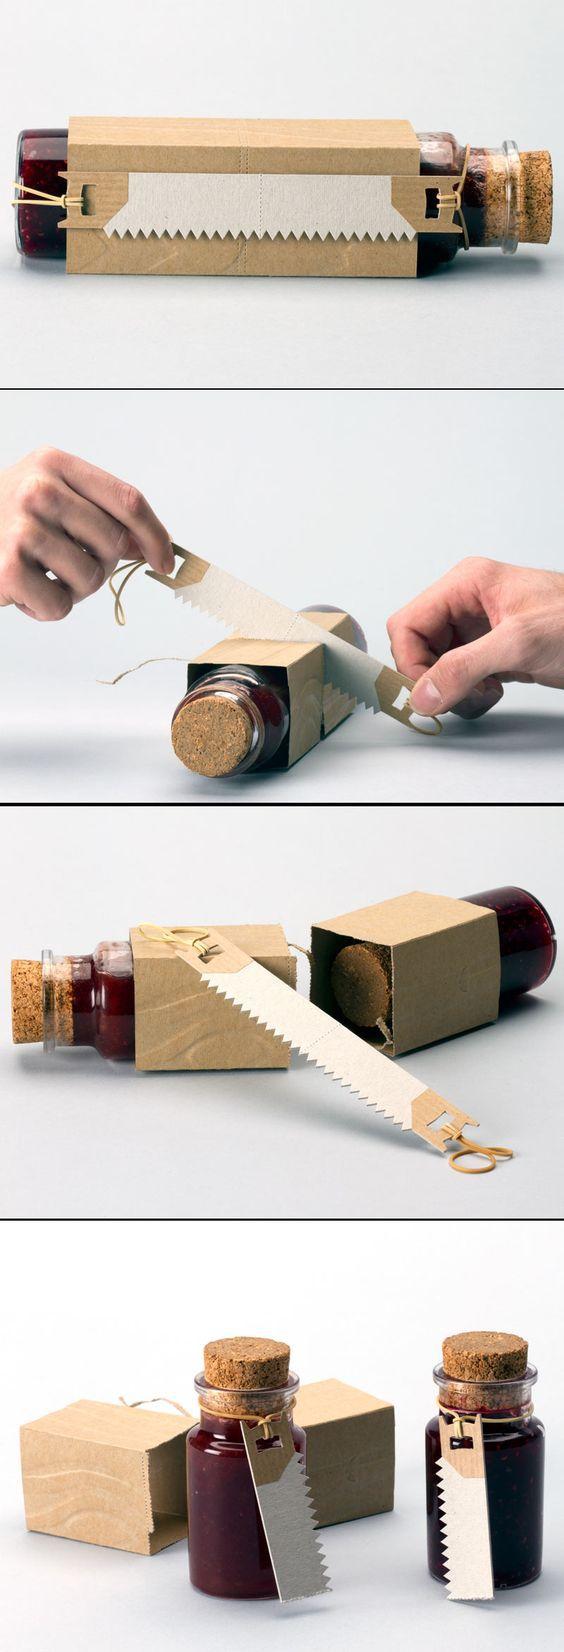 packaging-creative-original